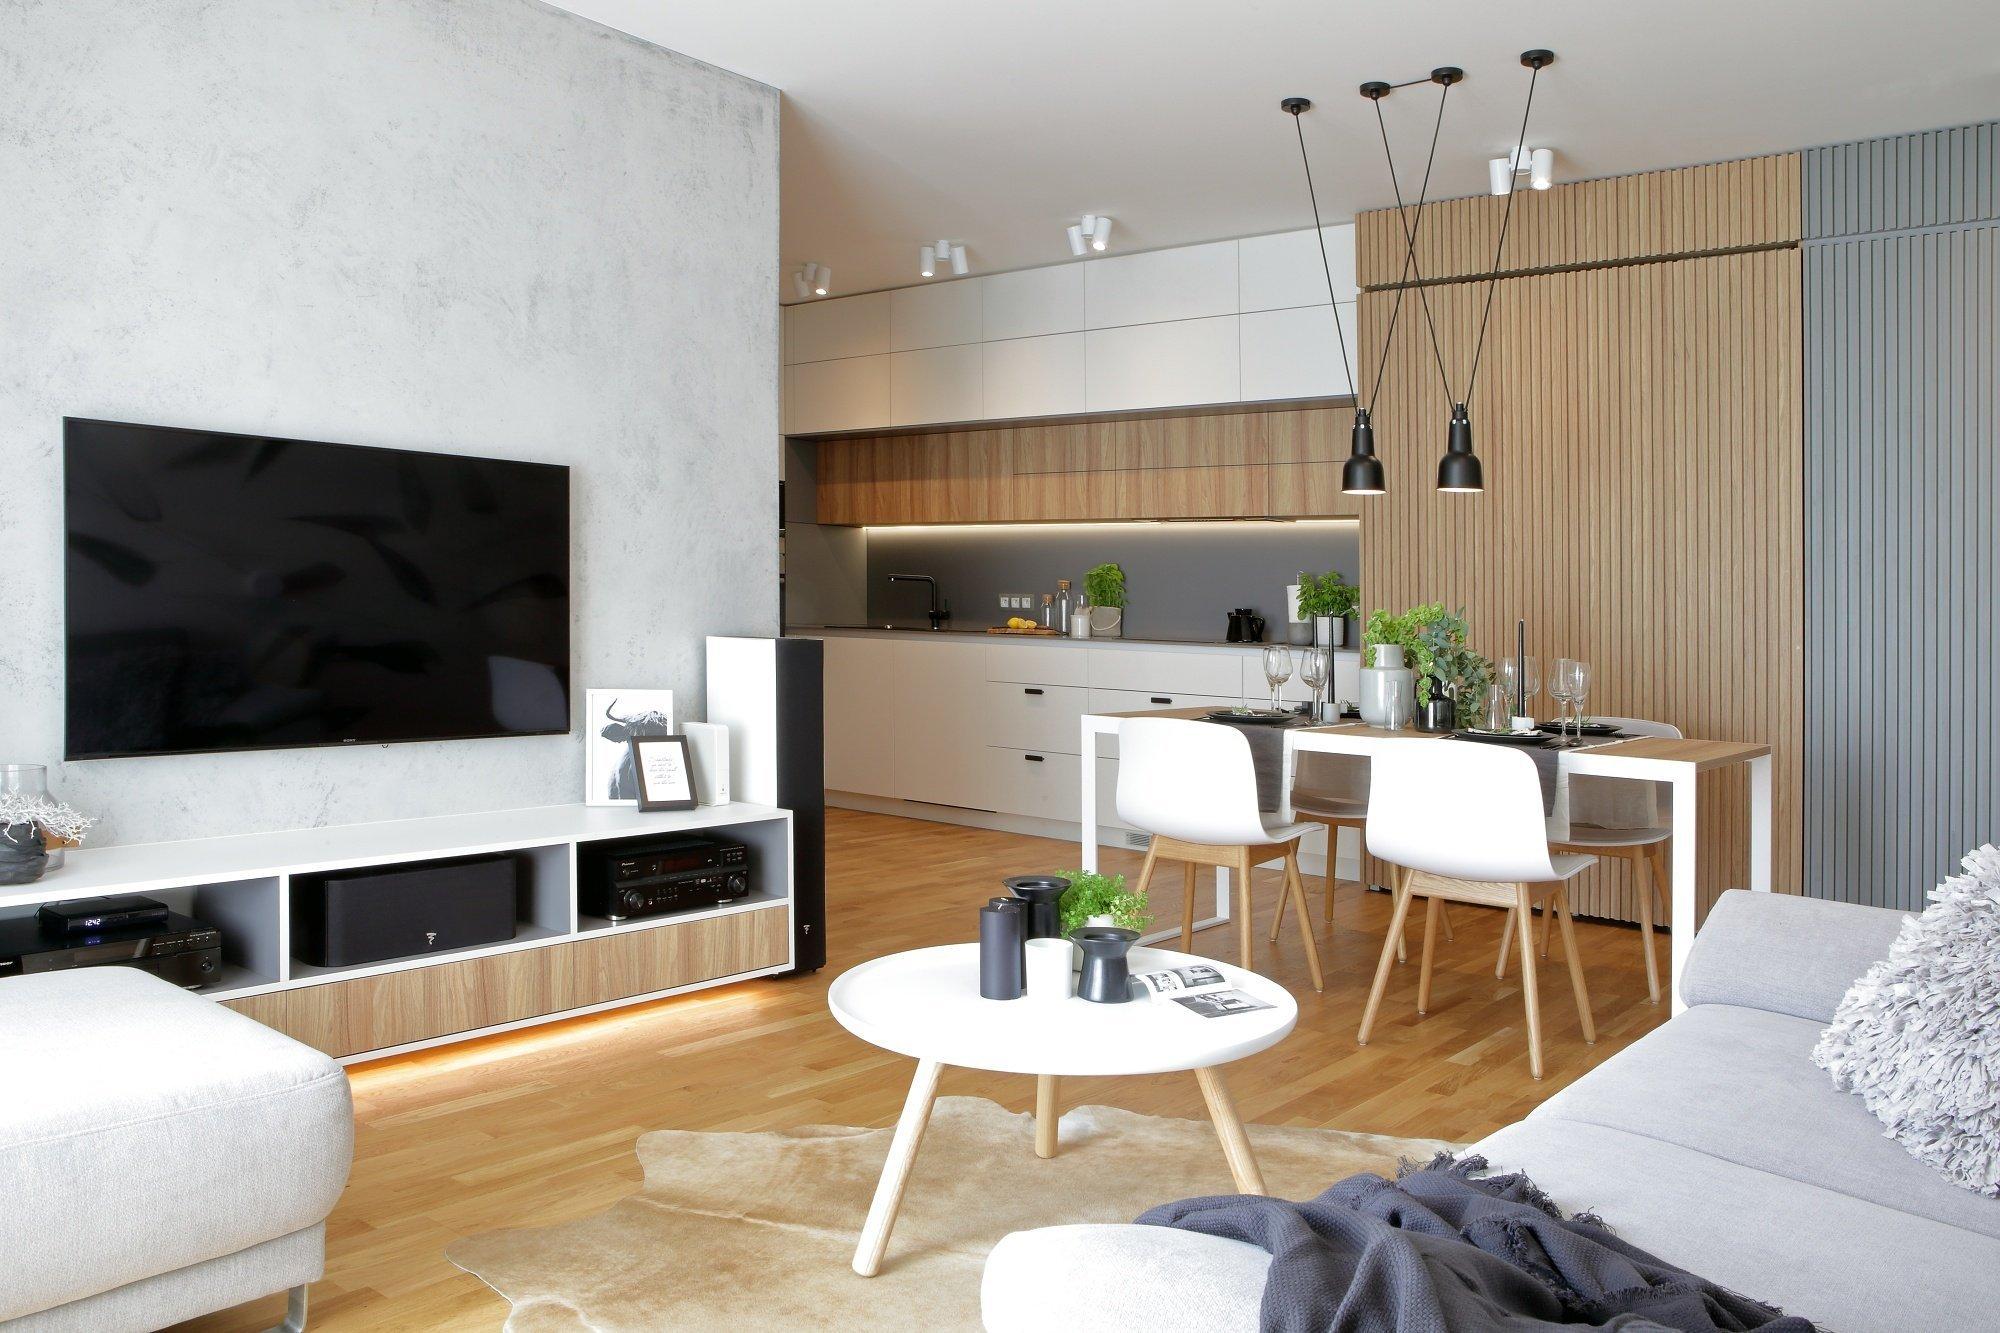 Na tomto projektu jsme začali pracovat v listopadu roku 2016, kdy byt byl ve fázi hrubé stavby a s klienty jsme začali vybírat standardy. Aktivnější…